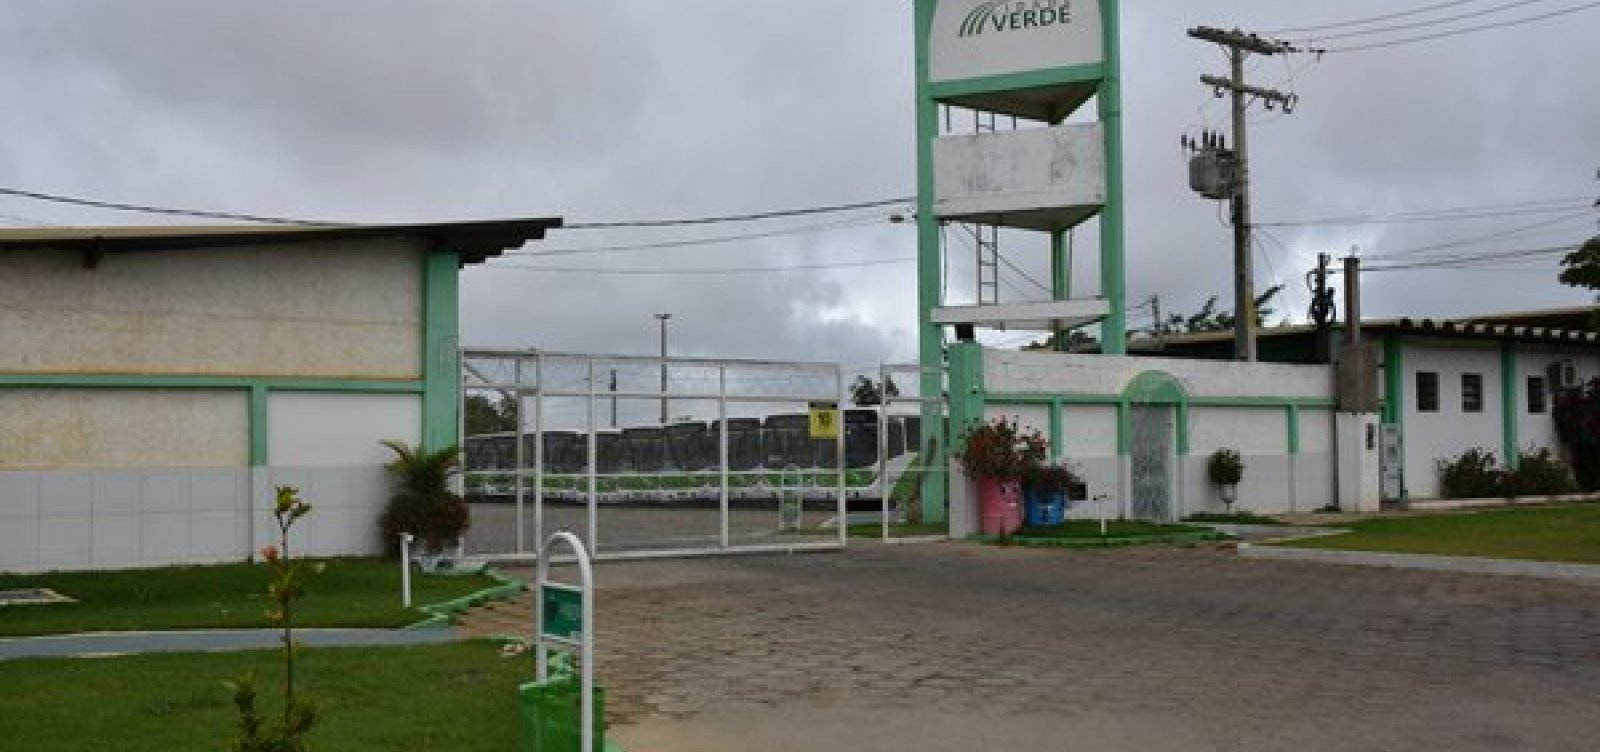 Vitória da Conquista: Empresa de ônibus anuncia demissão de 320 rodoviários